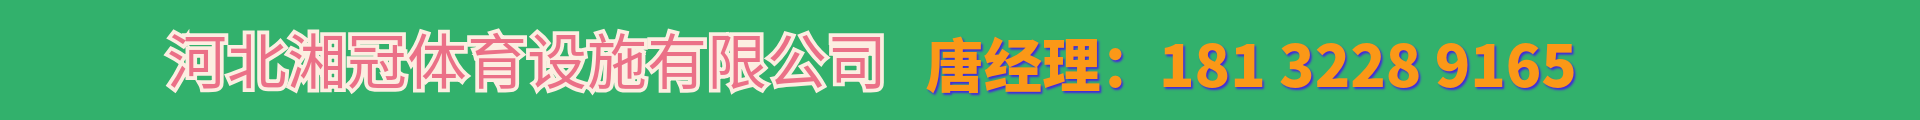 河北湘冠體育設施有限公司